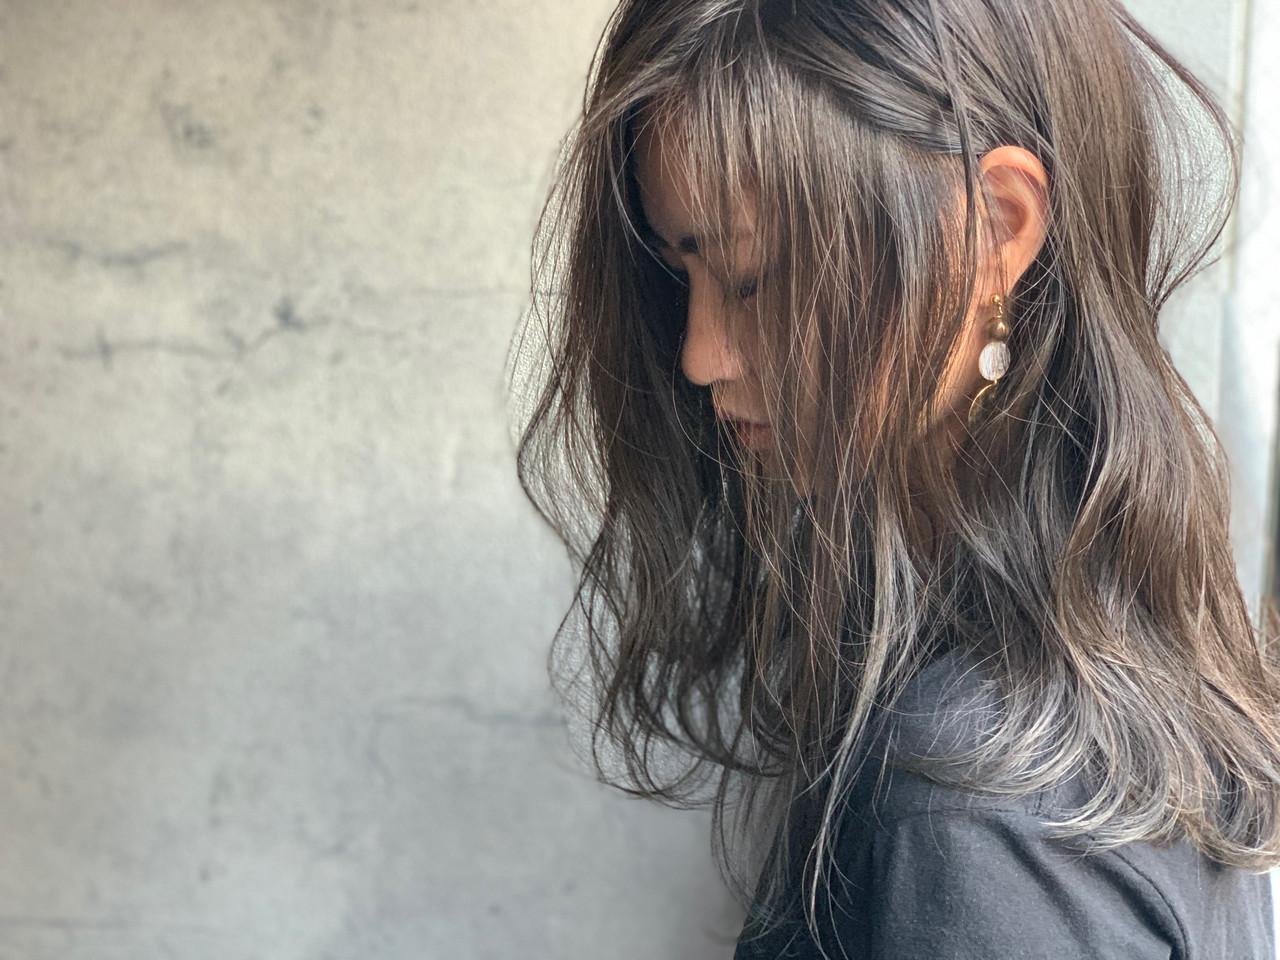 ナチュラル 耳かけ くびれカール バレイヤージュ ヘアスタイルや髪型の写真・画像